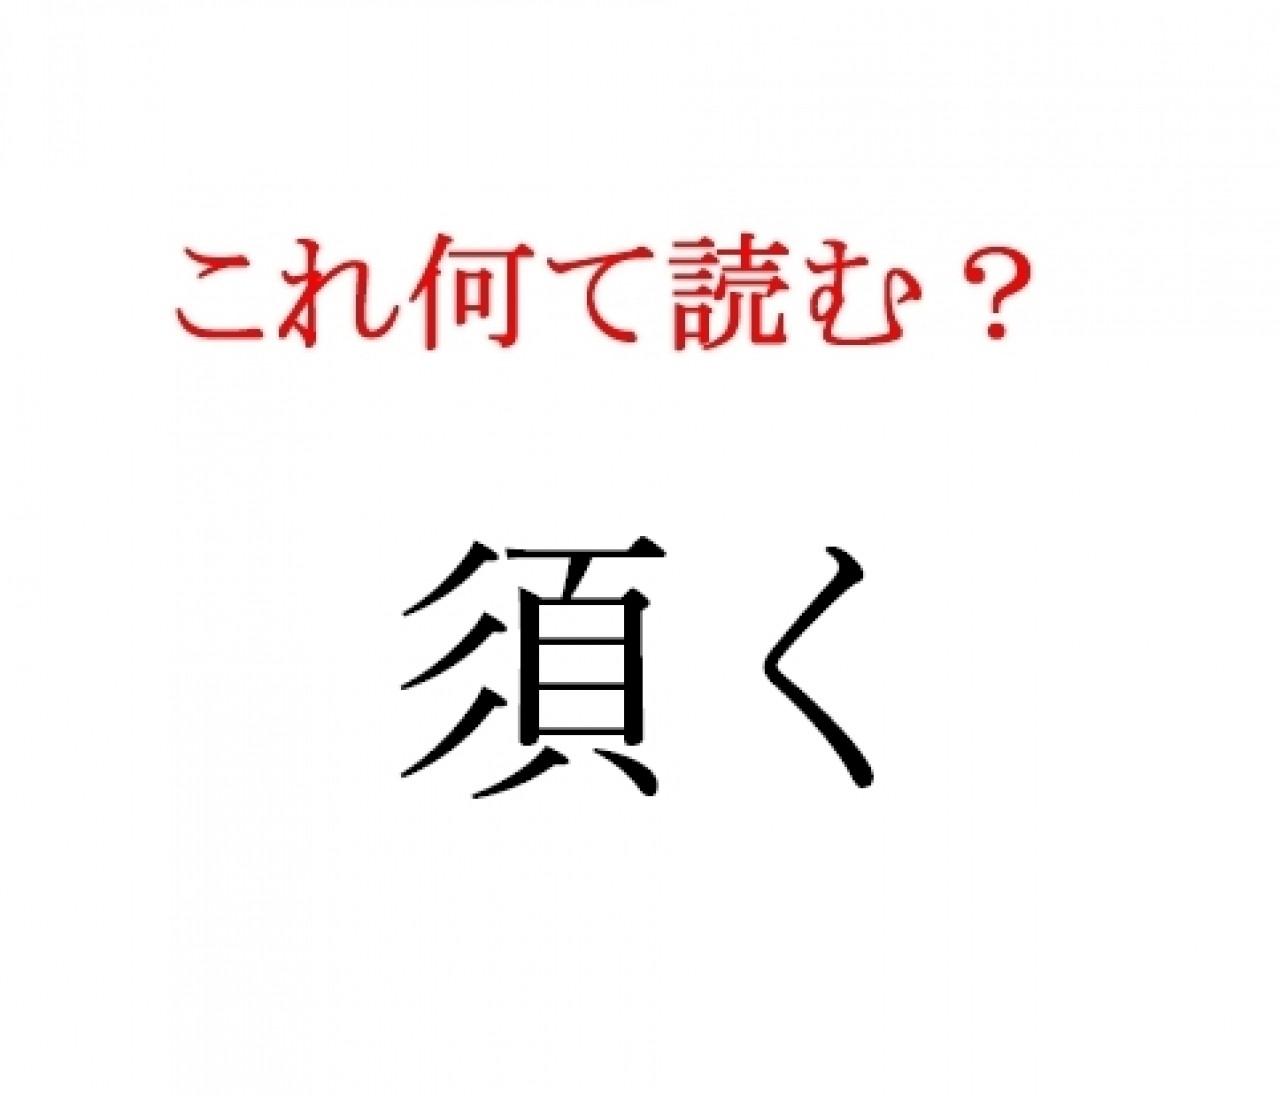 「須く」:この漢字、自信を持って読めますか?【働く大人の漢字クイズvol.3】